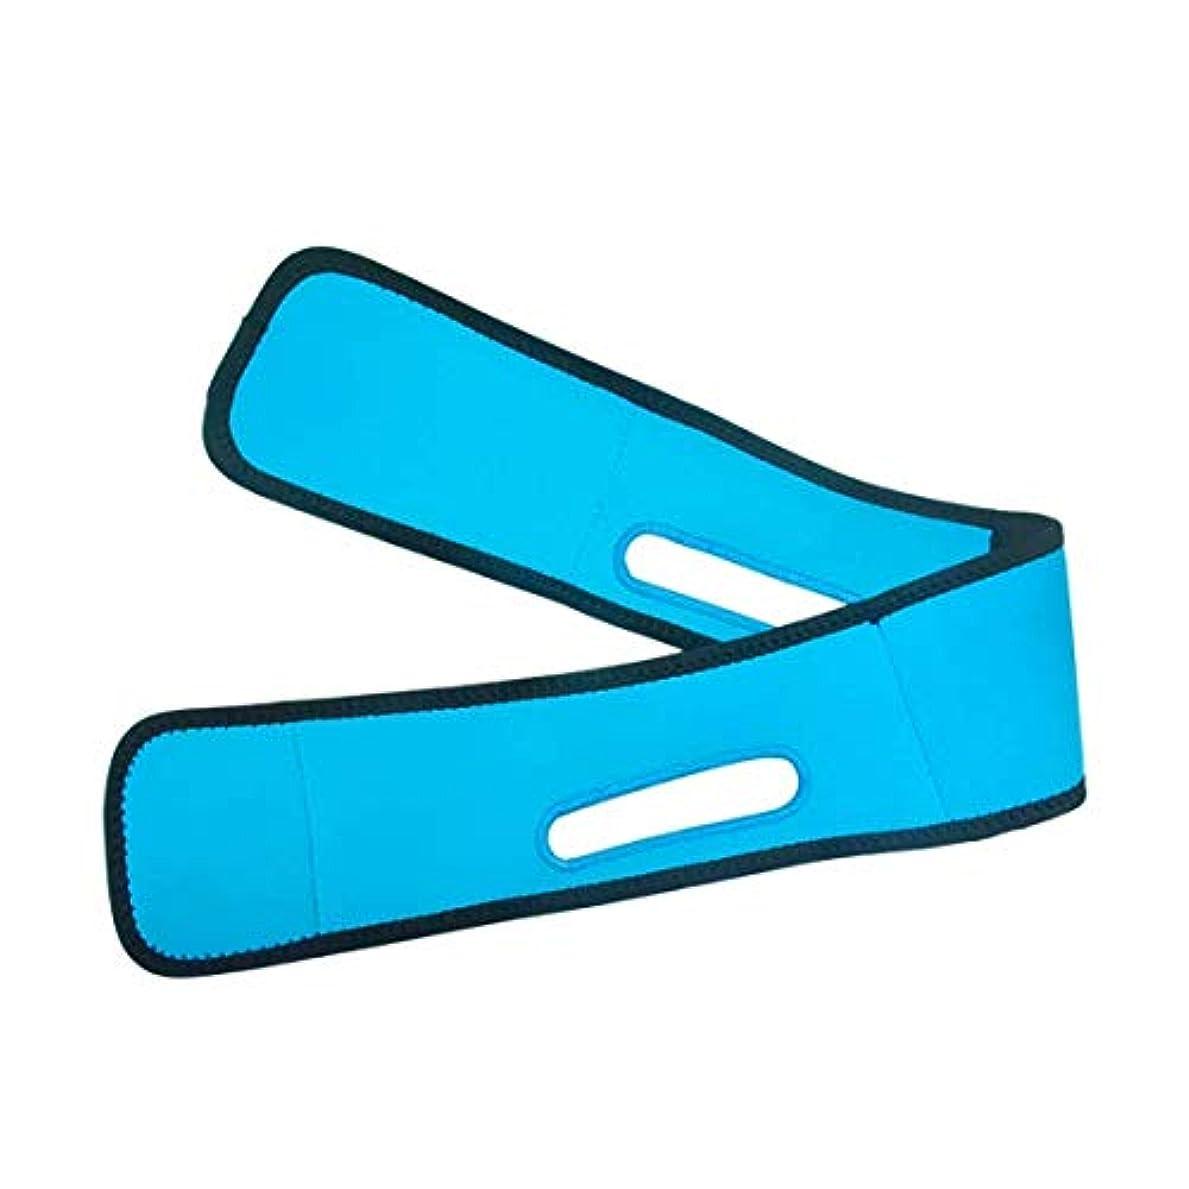 マラウイ洗うフラスコスリミングベルト、フェイスマスクVフェイスアーティファクトマッサージマスクで顎の筋肉の収縮を強化し、Vフェイスリフトのタイトな包帯を簡単に形成